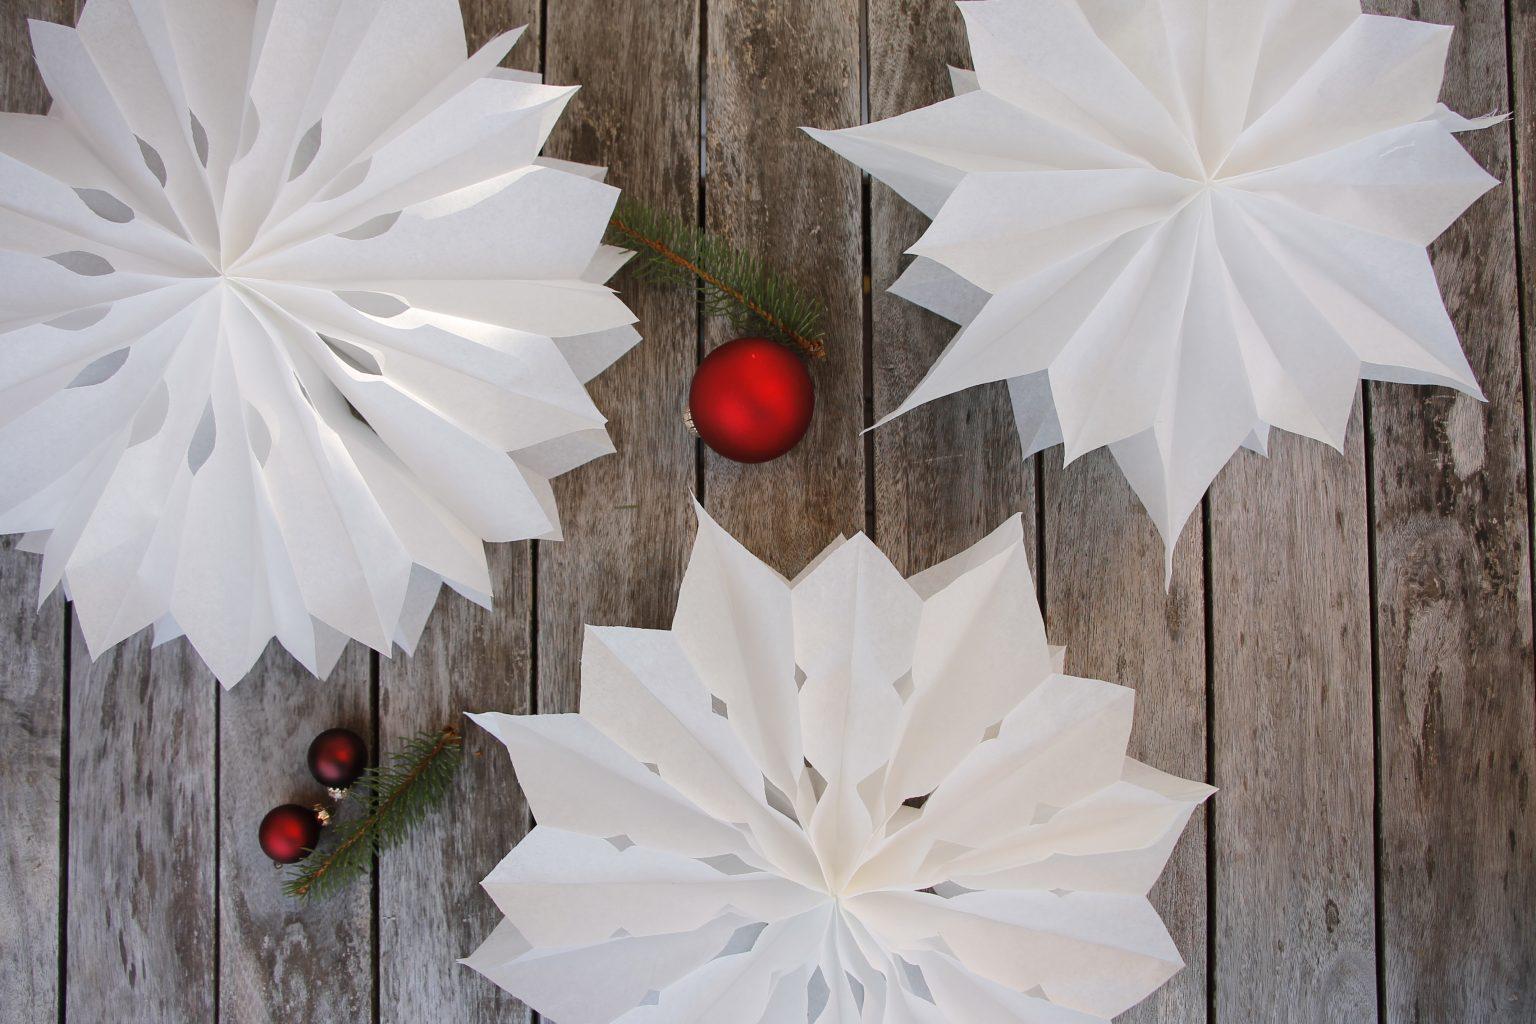 diy idee weihnachtliches basteln mit living kitzb hel mit gewinnspiel lavendelblog. Black Bedroom Furniture Sets. Home Design Ideas